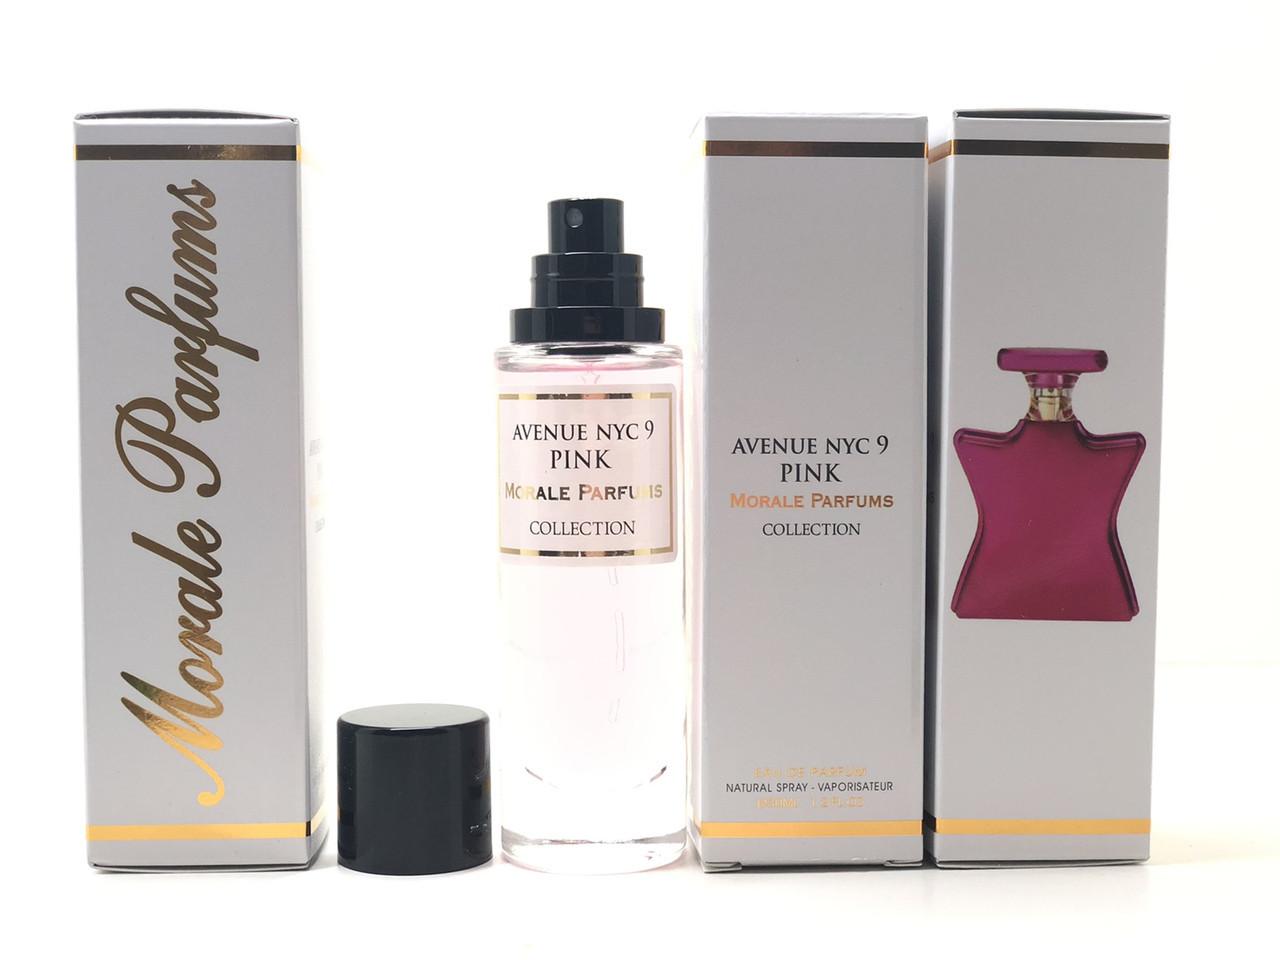 Жіночий аромат Avenue Nyc 9 Pink Morale Parfums (Авеню Пінк Морал Парфум) 30 мл